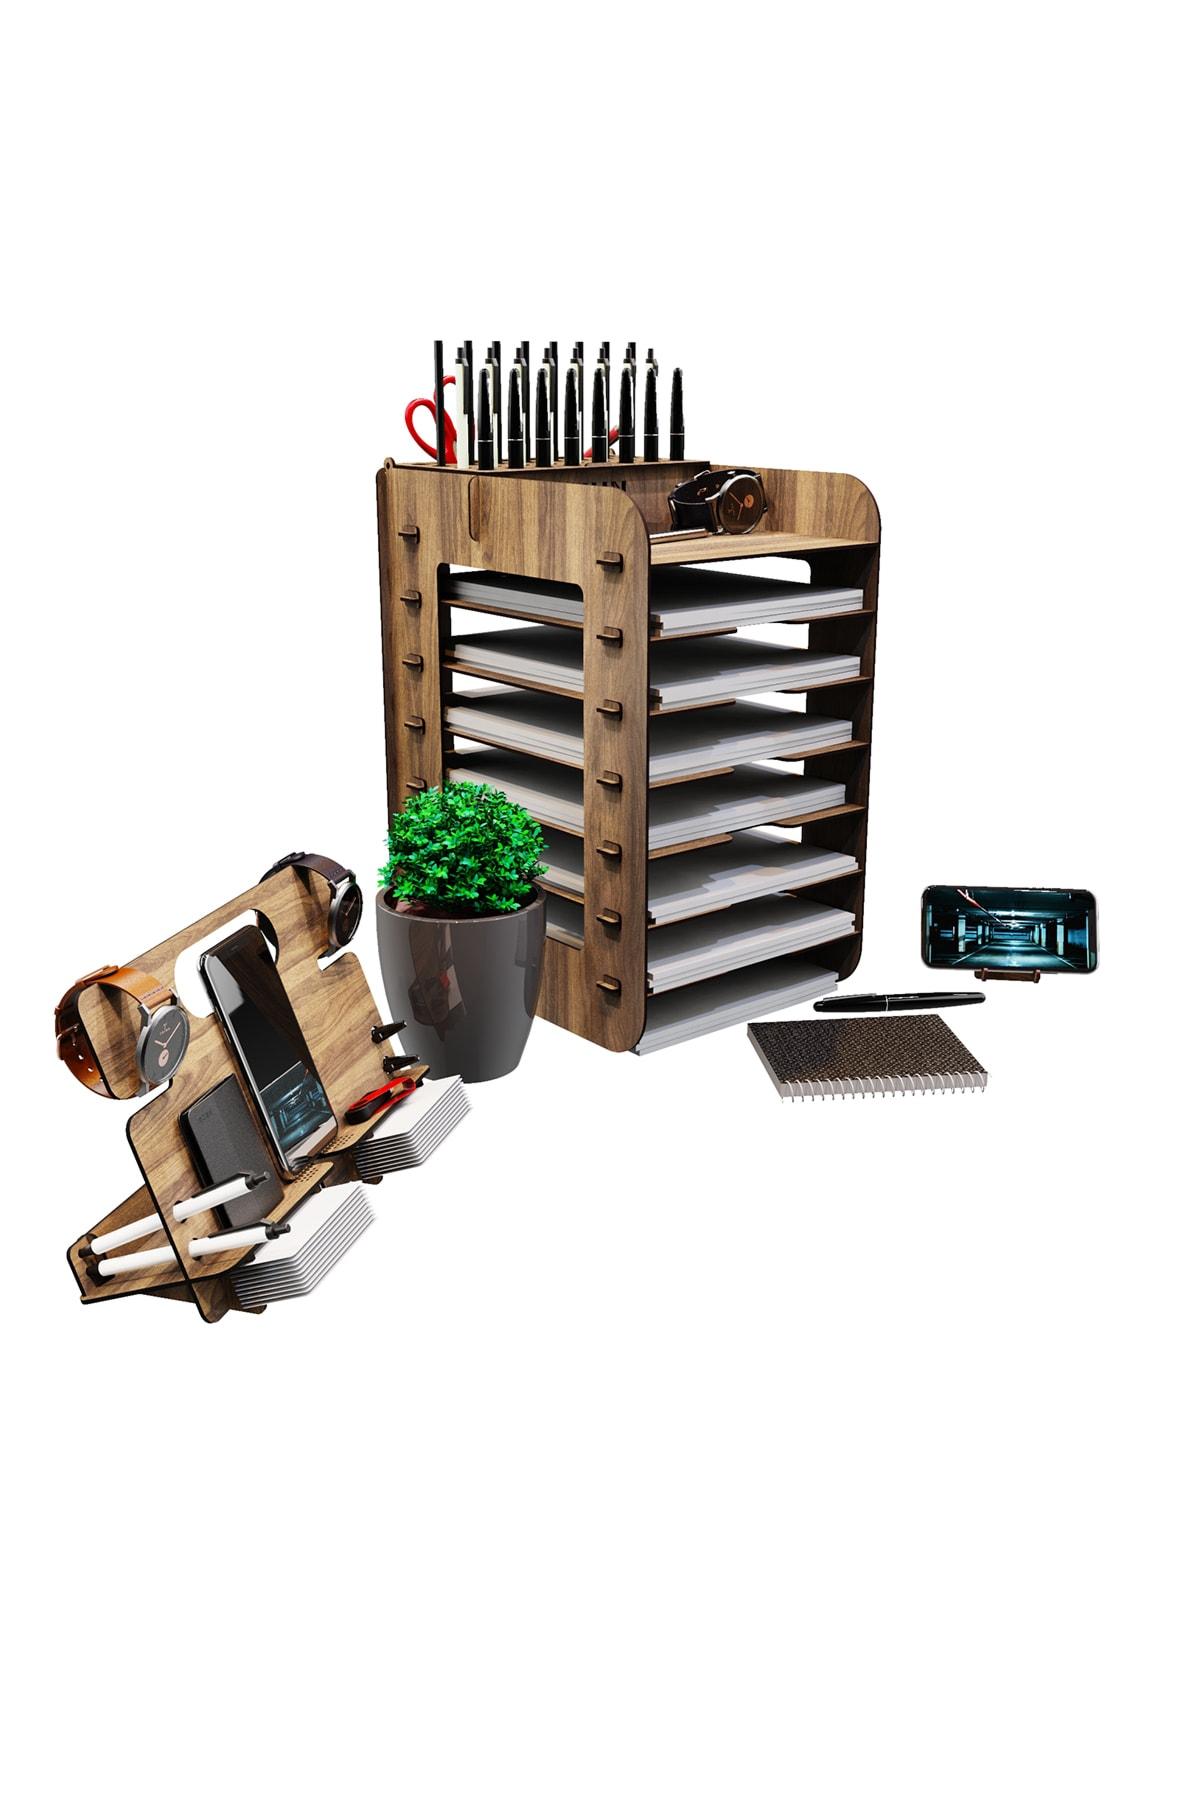 Robinia A4 Evrak Rafı Ofis Masaüstü Organizer Düzenleyici 3'lü Set